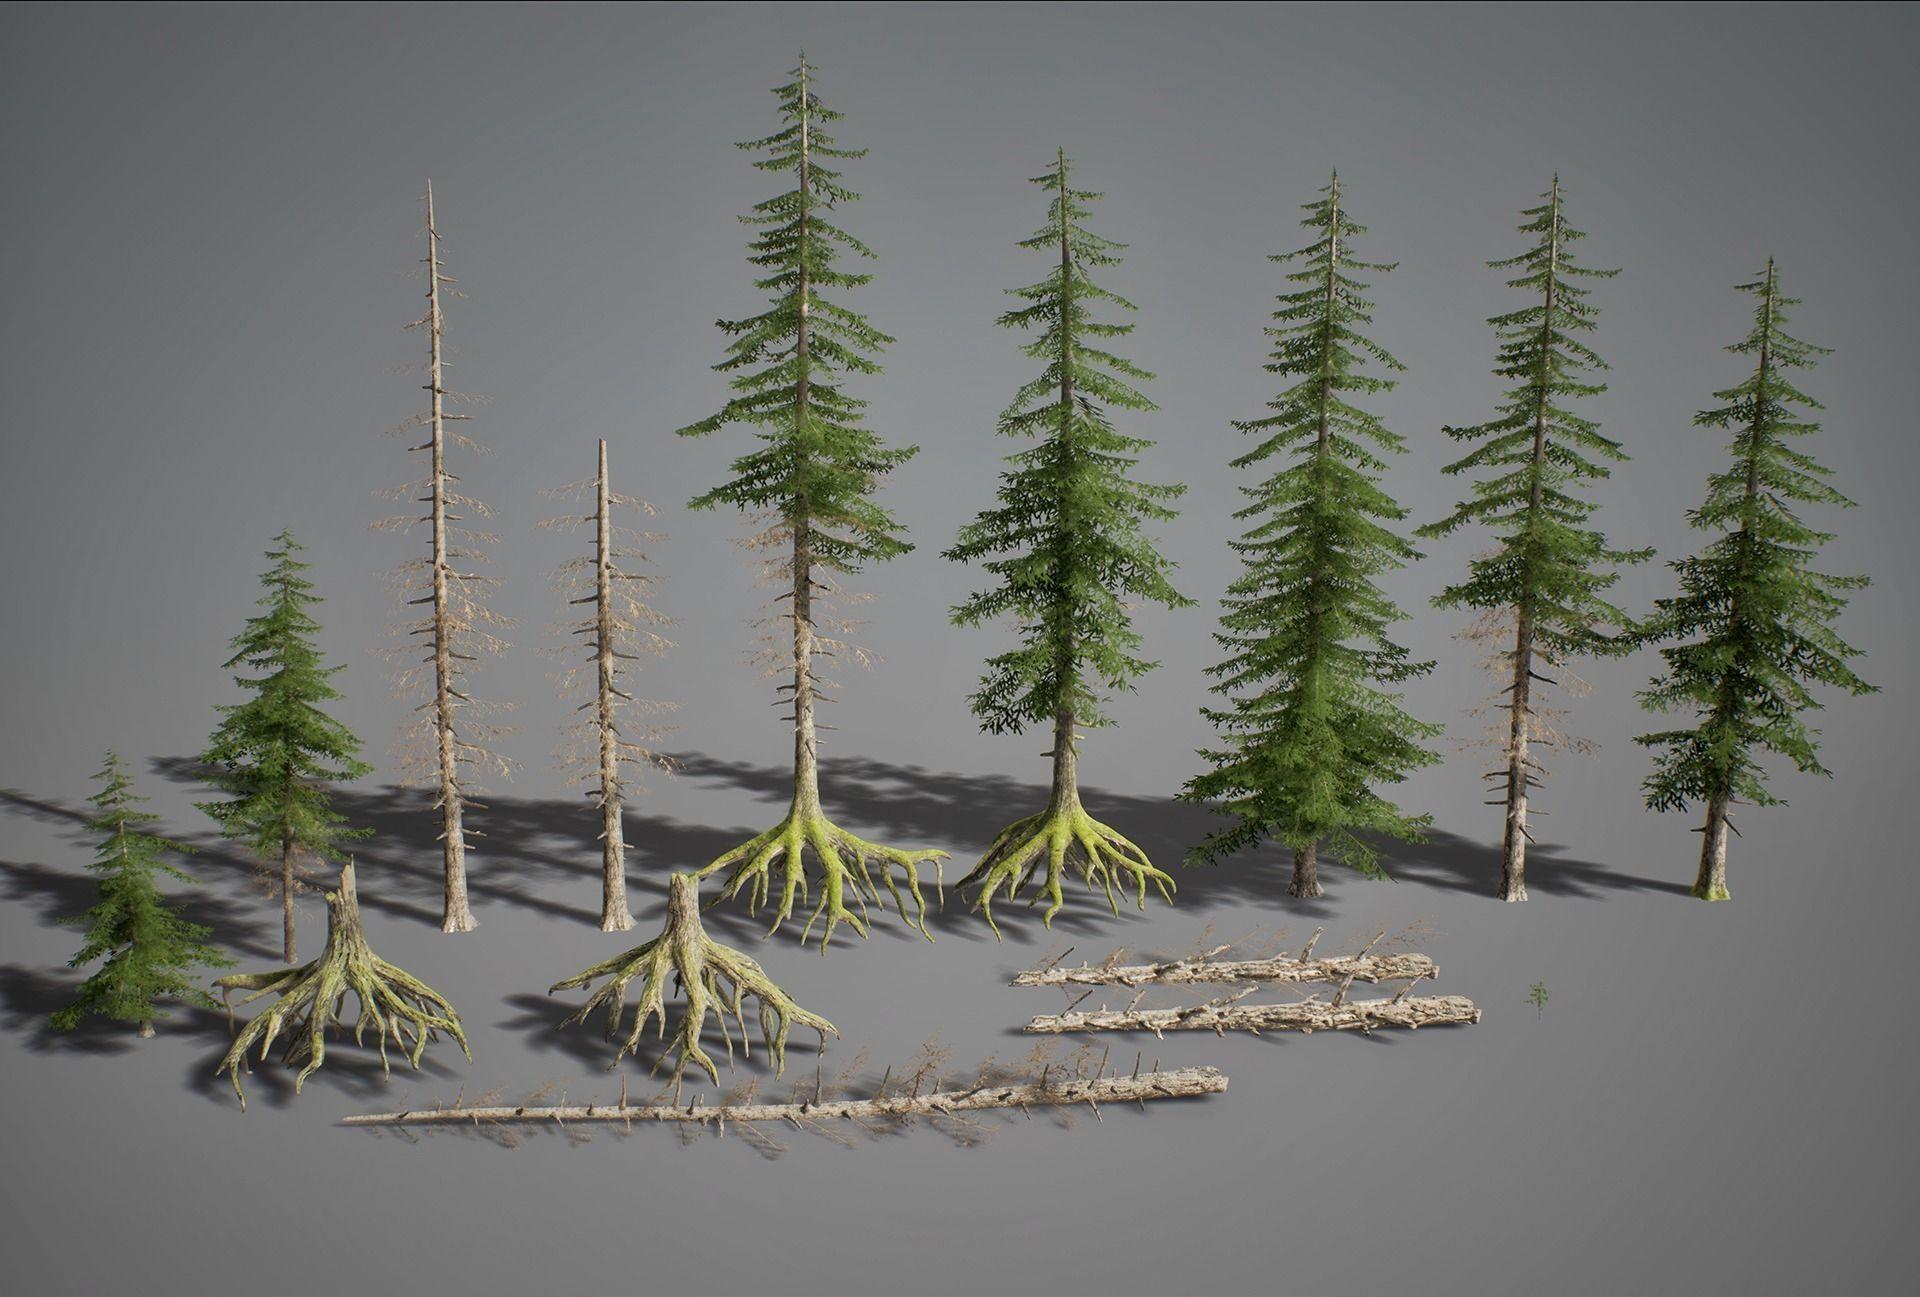 UE4 - Fir Trees